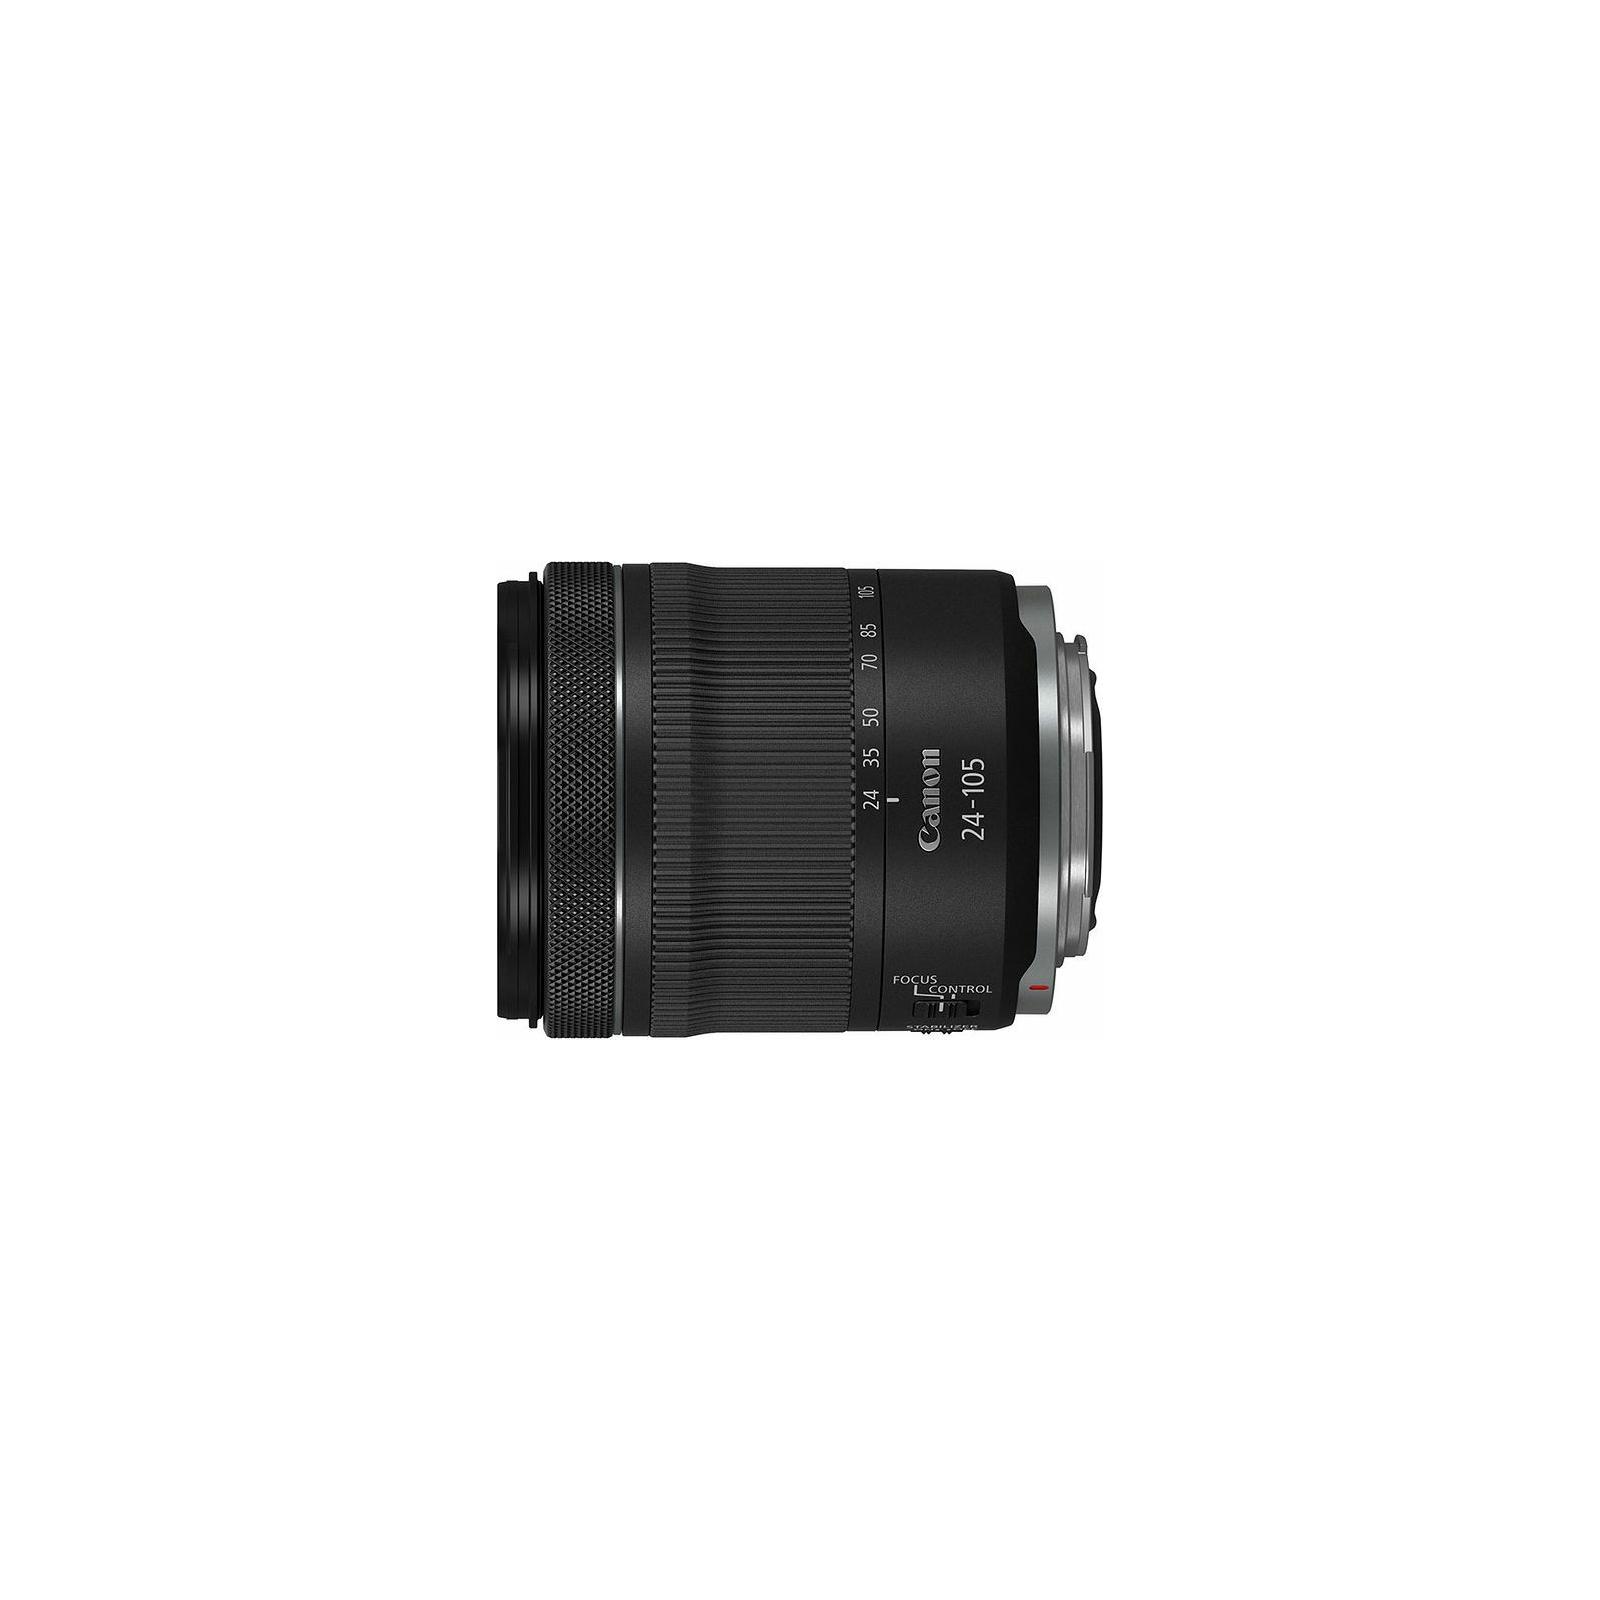 Объектив Canon RF 24-105mm f/4.0-7.1 IS STM (4111C005) изображение 2